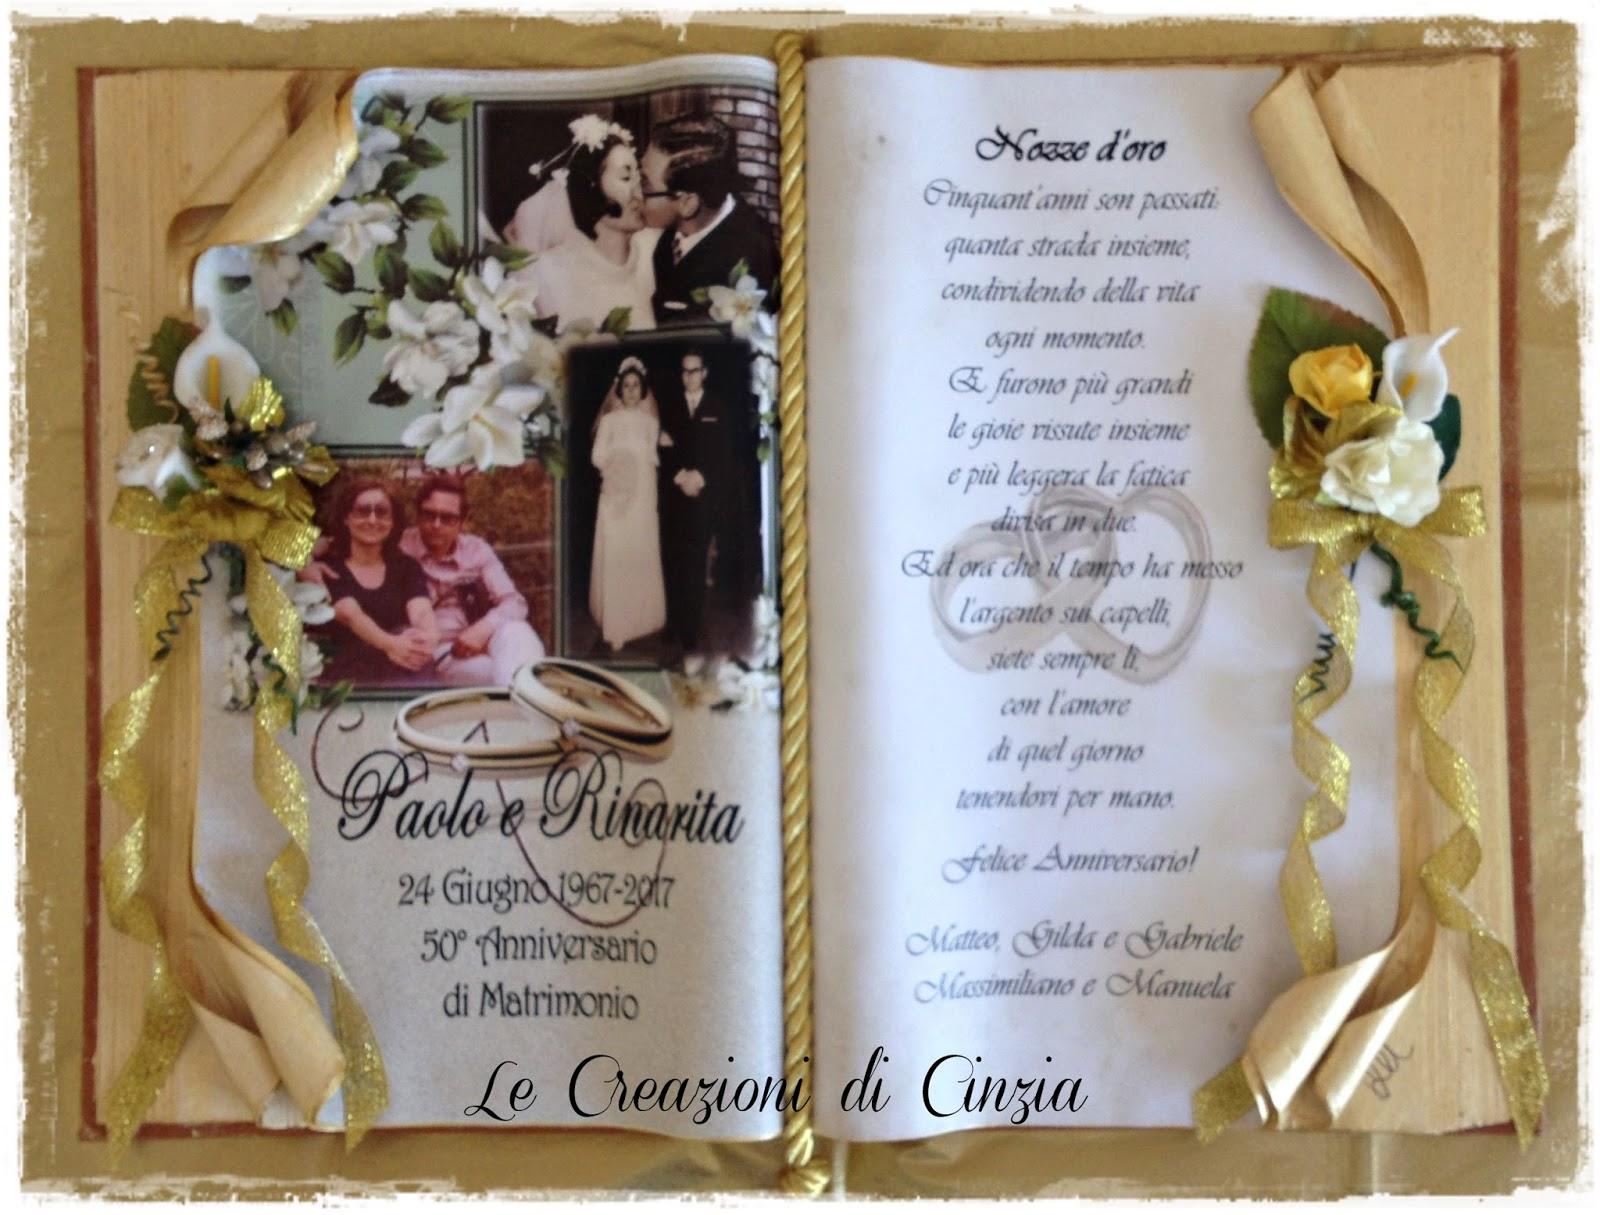 Anniversario Di Matrimonio 51 Anni.Le Creazioni Di Cinzia Anniversari Di Matrimonio